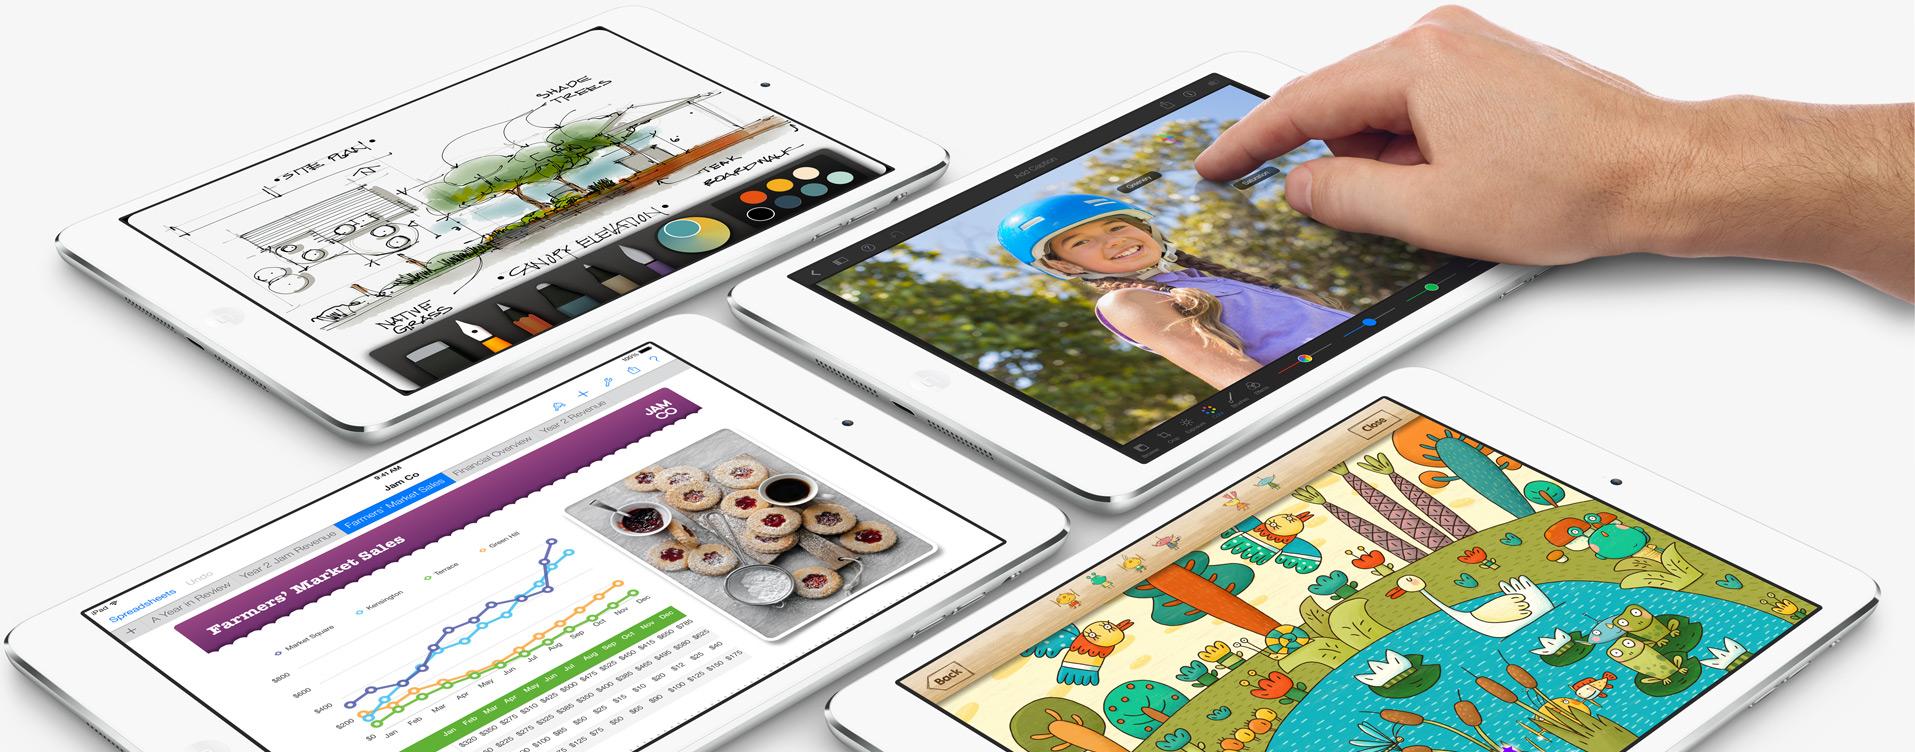 apps-hero415241.jpg